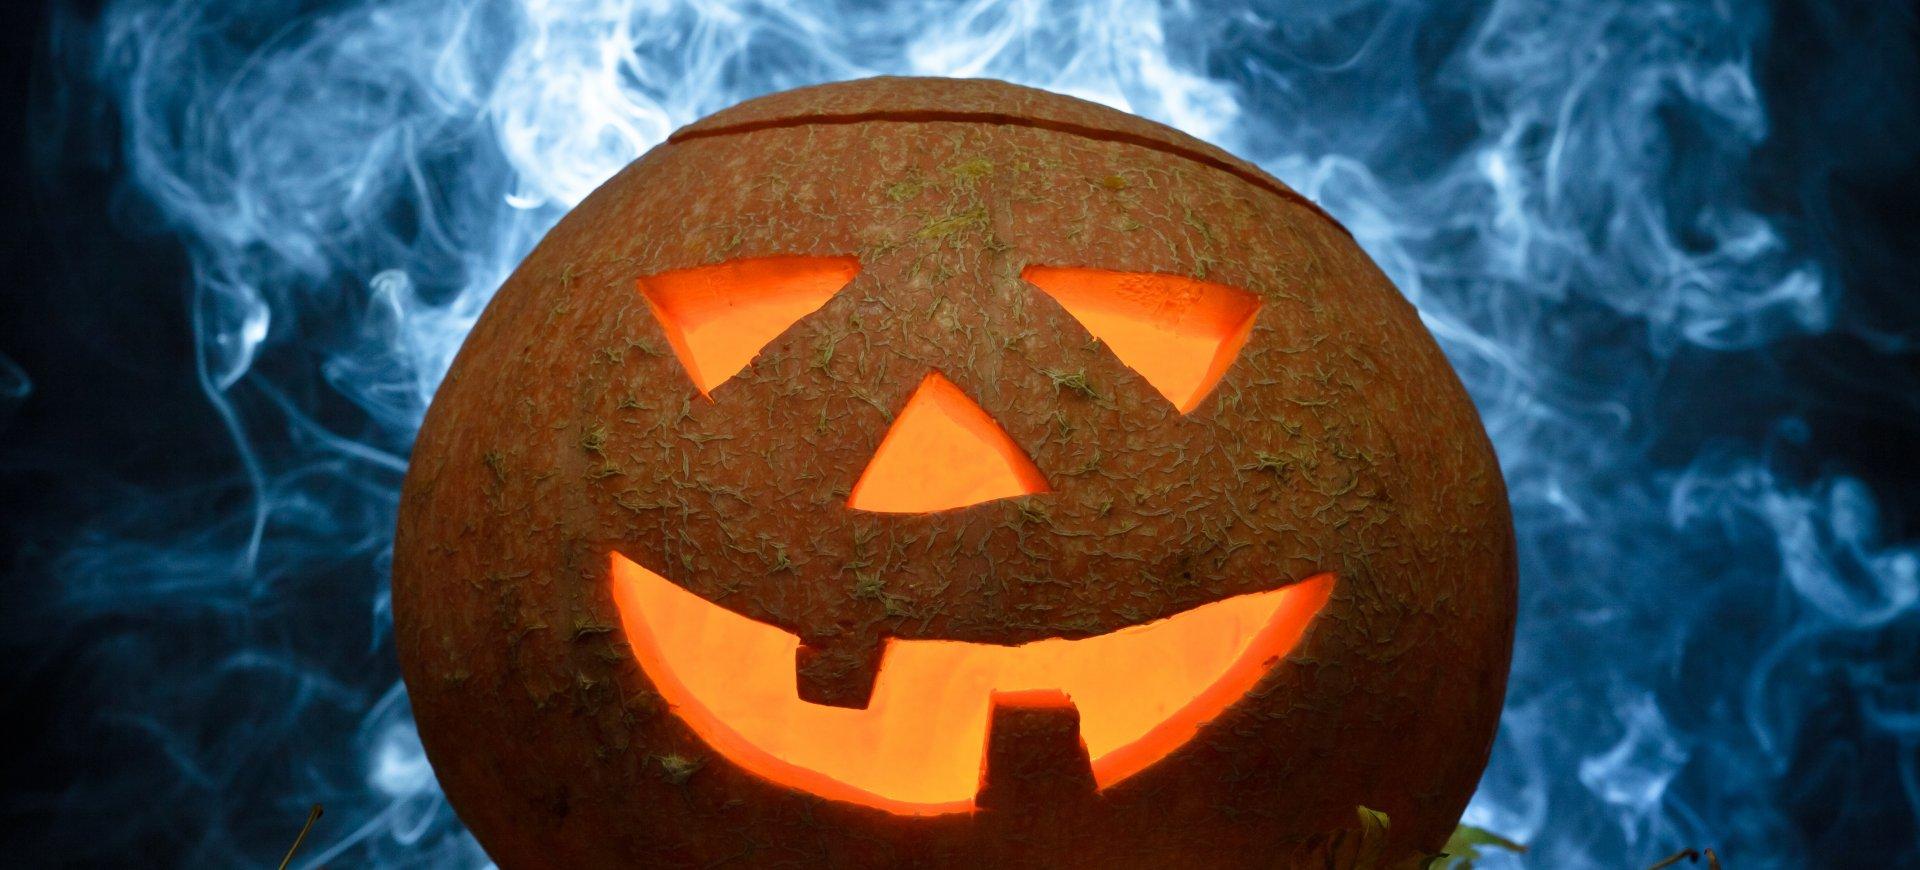 HOT DEAL Halloween - Ostatnie wolne pokoje. Oferta HB + upiorny drink